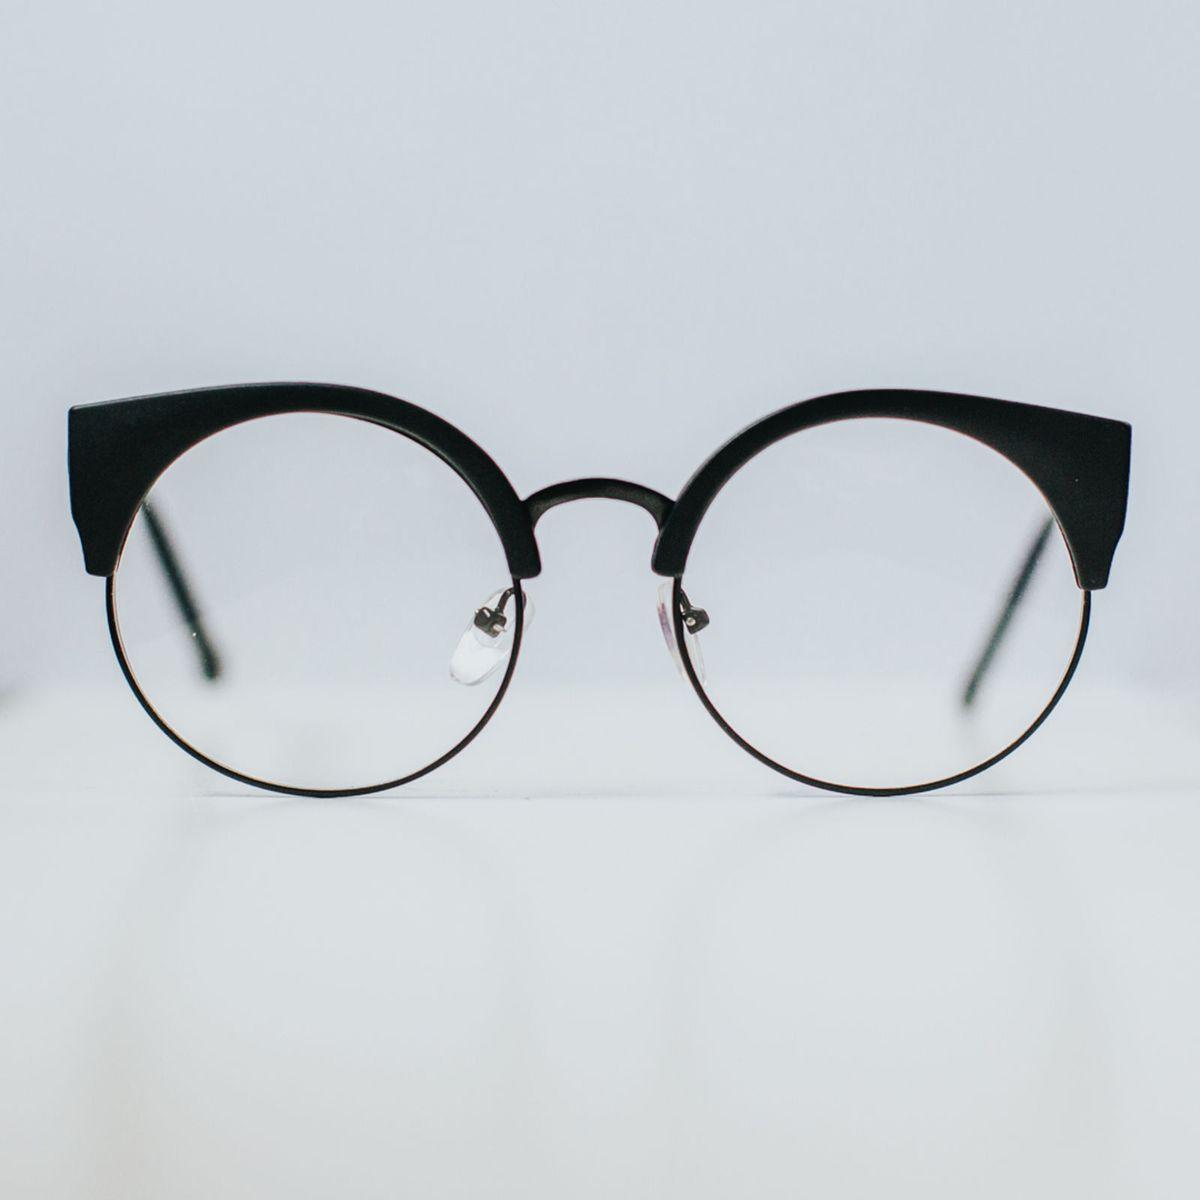 armação gatinho - óculos sem marca.  Czm6ly9wag90b3muzw5qb2vplmnvbs5ici9wcm9kdwn0cy8zotewodgvnjexytrlzdhhn2uznmm5y2q2zge2mdg3mmy2zjk2n2uuanbn  ... 1a32c07f42